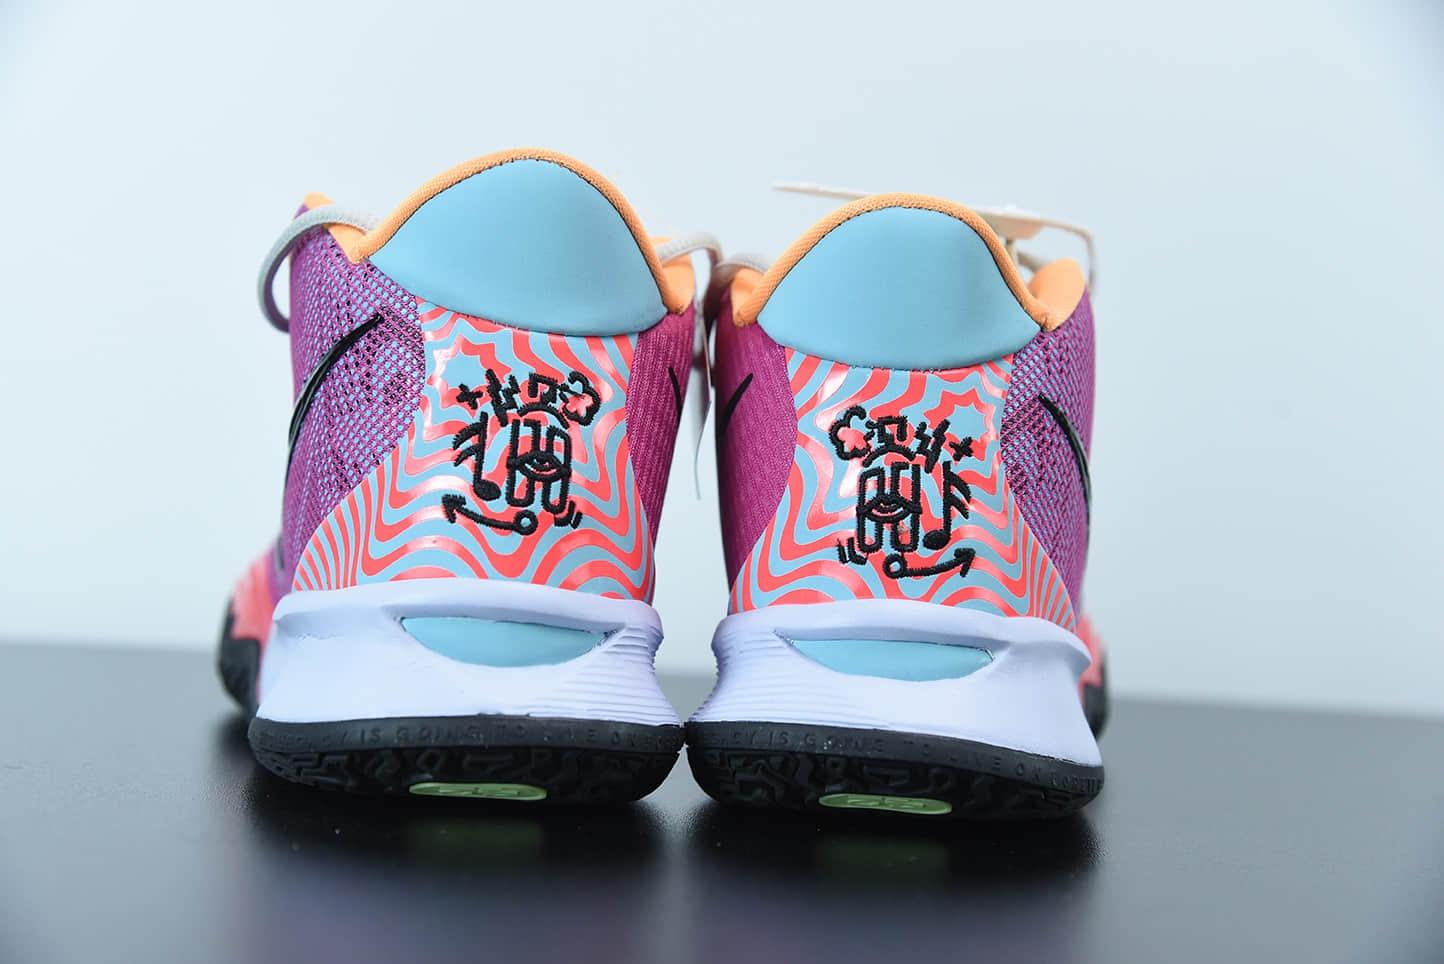 欧文KYRIE 7 Creator 欧文7代造物主气垫篮球鞋纯原版本 货号:DC0589-601